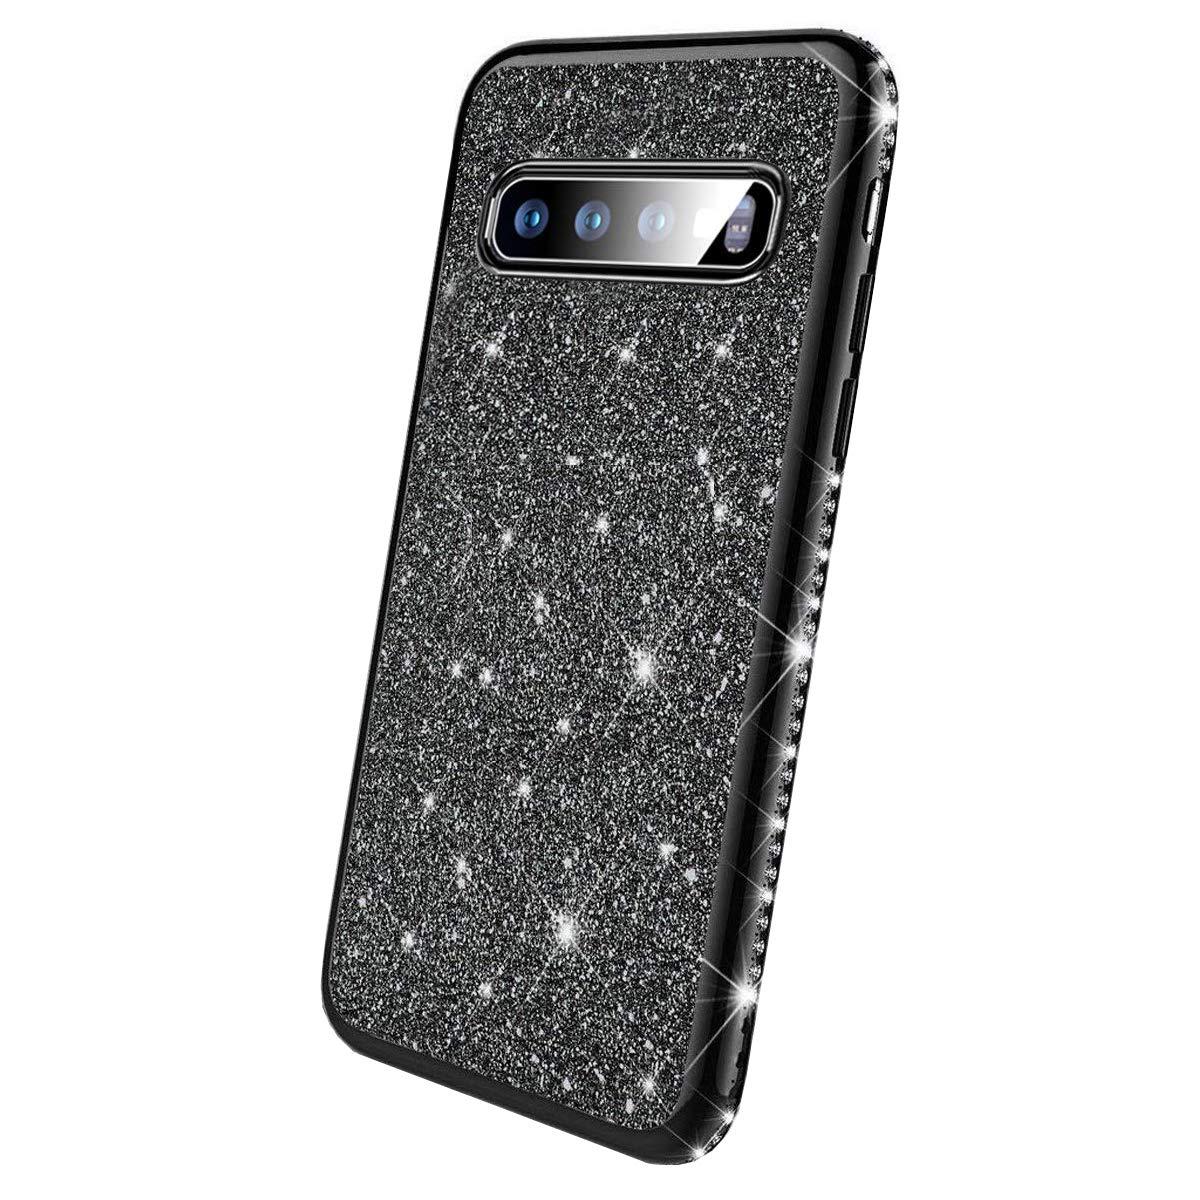 Karomenic kompatibel mit Samsung Galaxy S10 Plus Silikon H/ülle Gl/änzend Bling Glitzer Schutzh/ülle Weiche TPU Handyh/ülle Diamant D/ünn Slim Bumper Tasche Case Cover f/ür Frauen M/ädchen,Silber